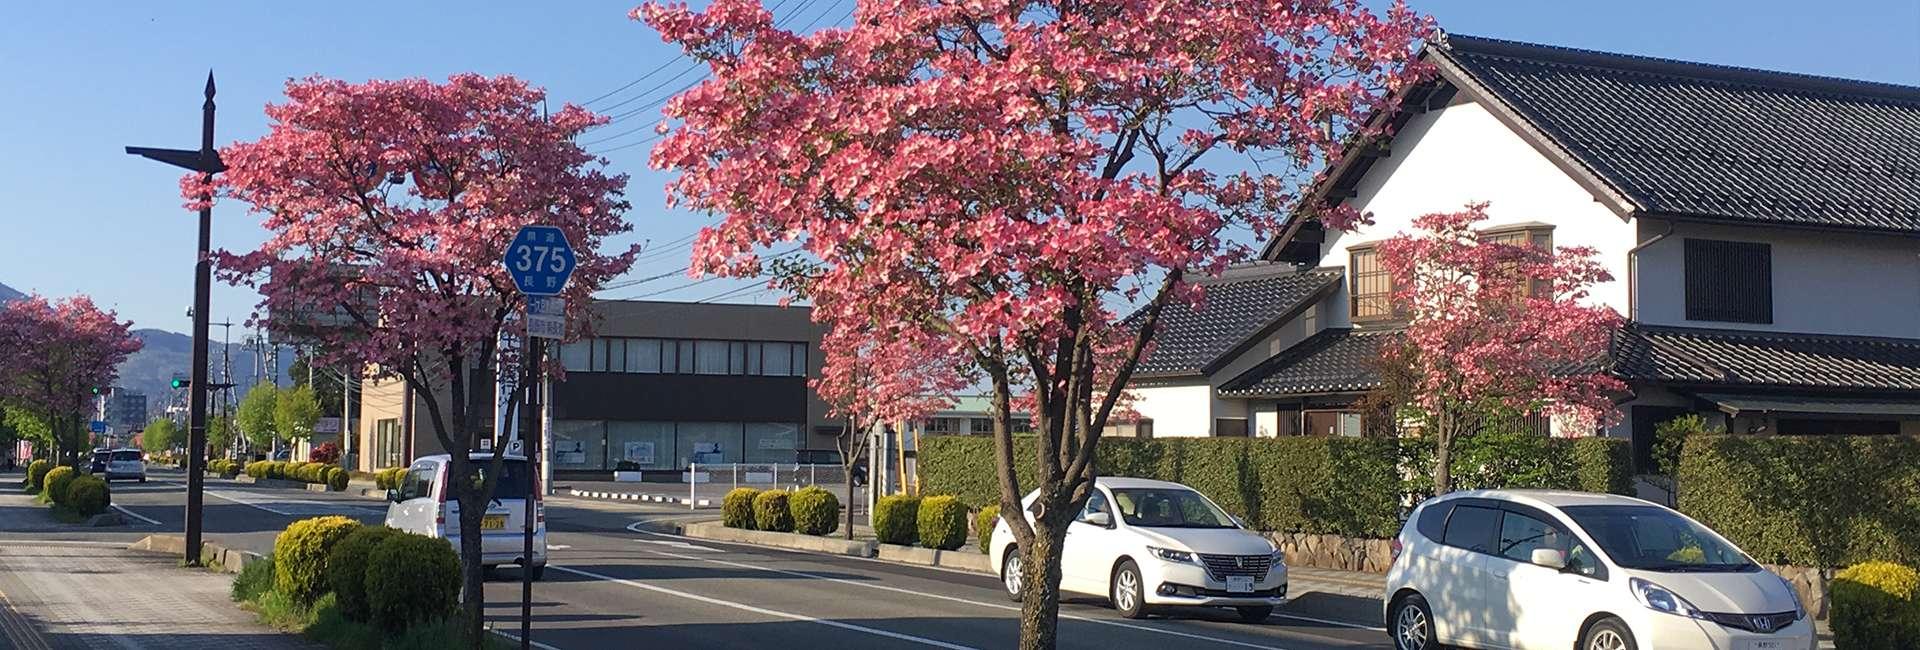 Nagano in Japan